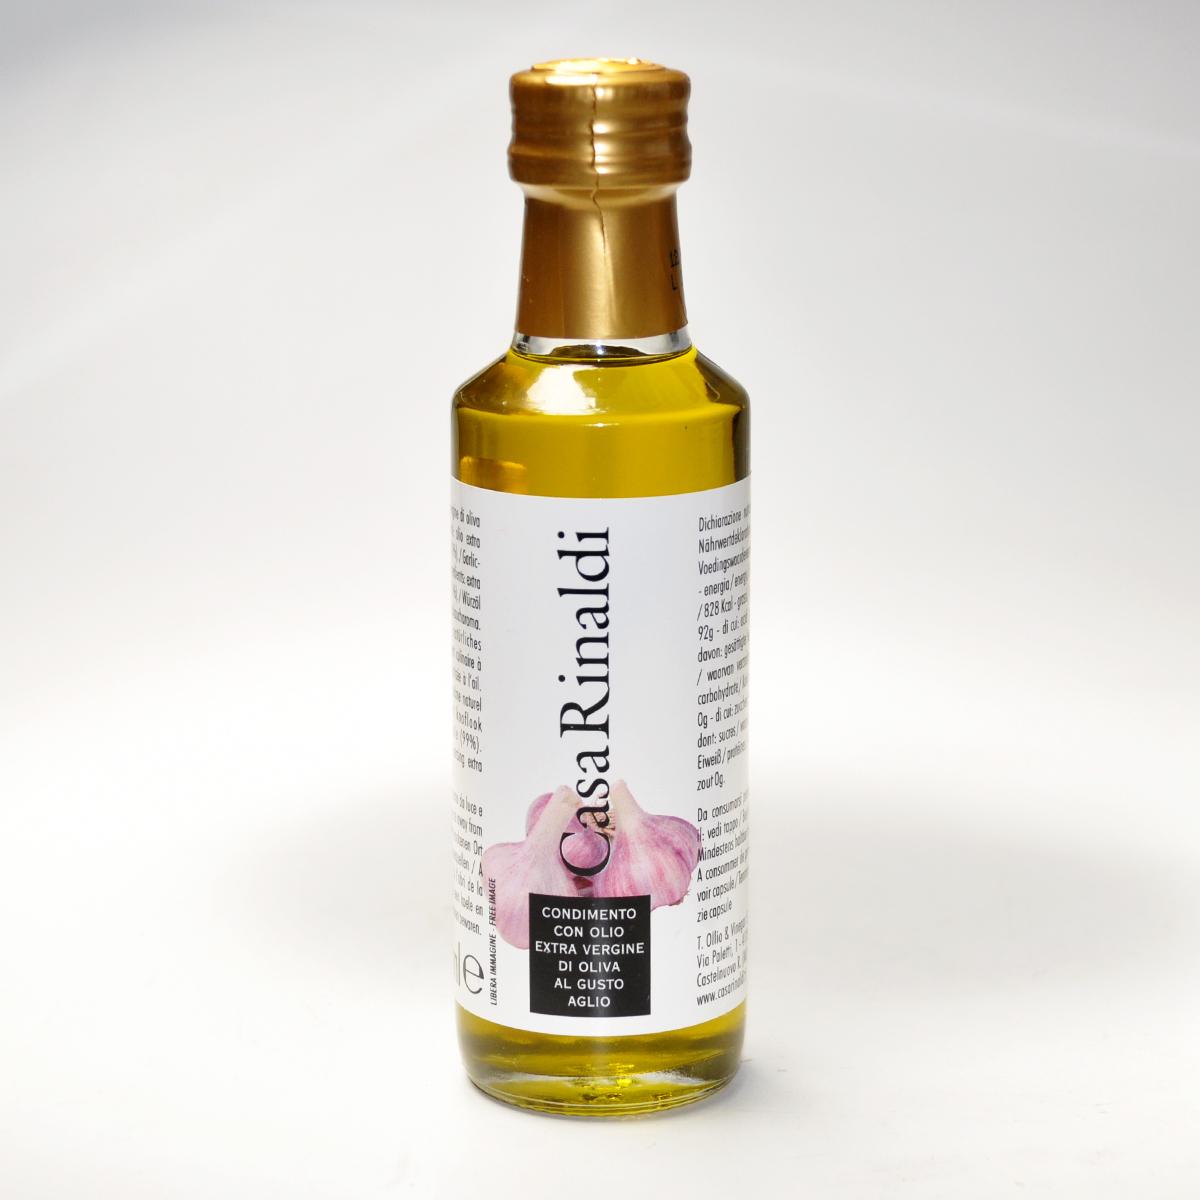 Масло оливковое EV  с чеснокоми  Casa Rinaldi 100мл